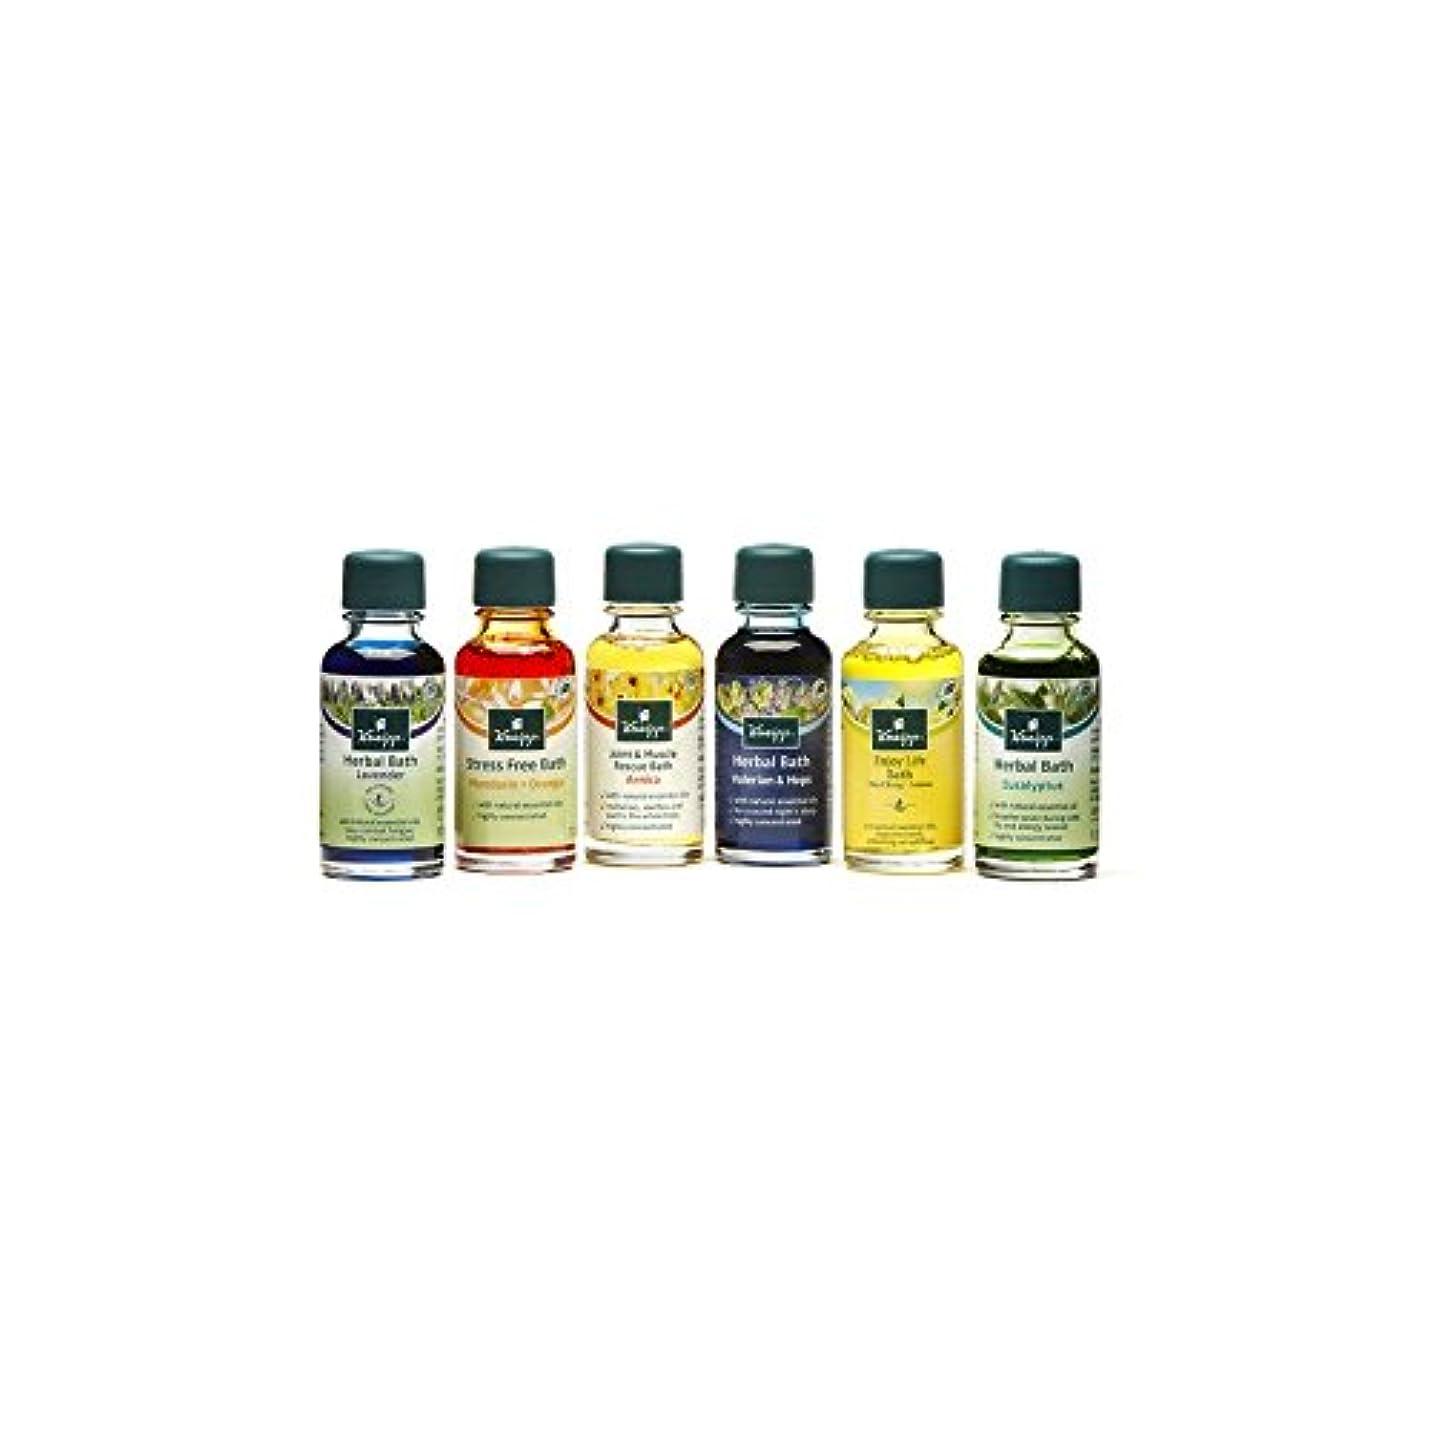 旅行者エージェント回転するKneipp Bath Oil Collection (6 x 20ml) - クナイプバスオイルコレクション(6×20ミリリットル) [並行輸入品]